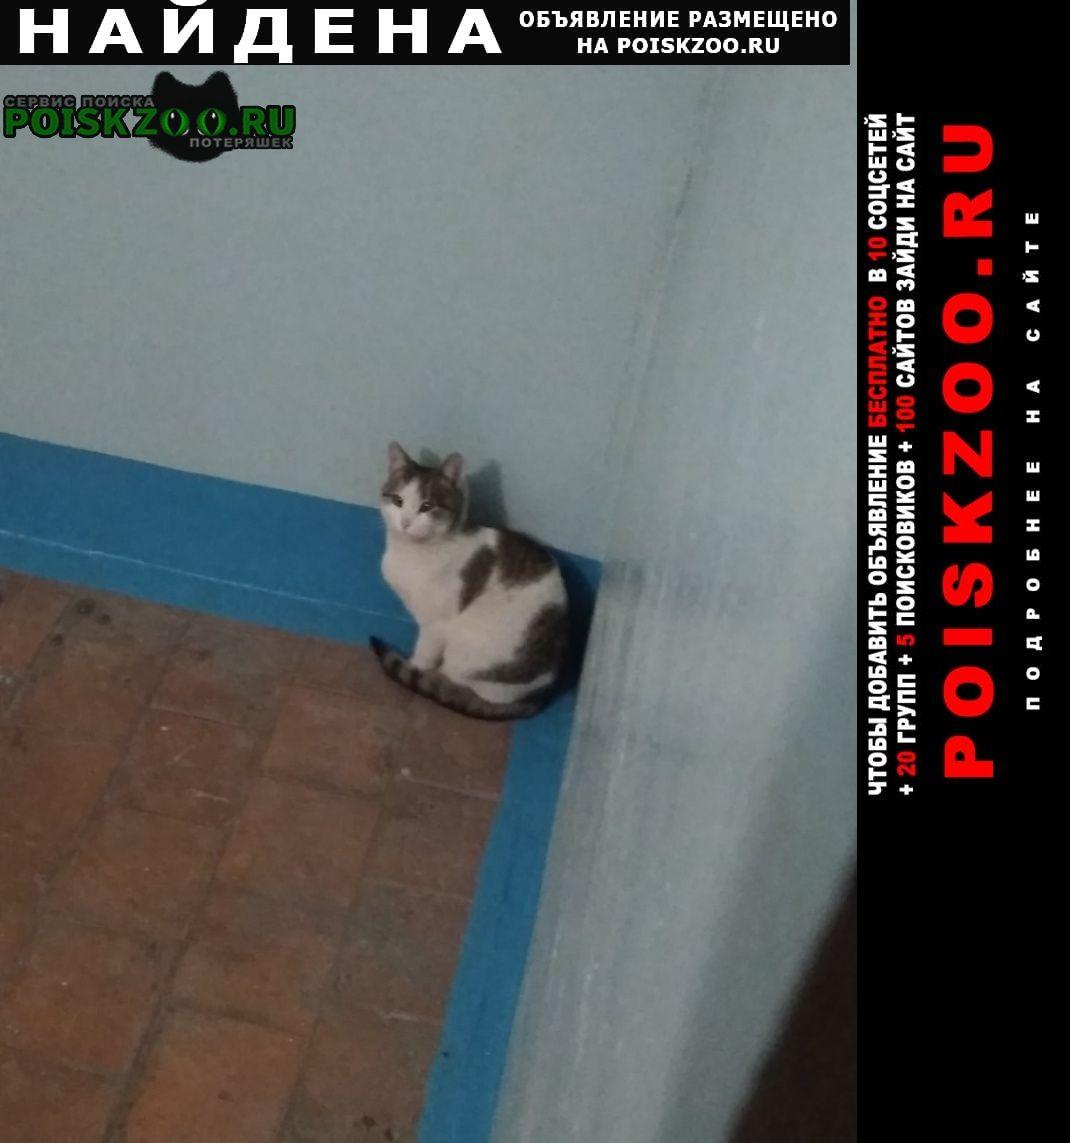 Найдена кошка /кот. возможно домашняя. нг Набережные Челны